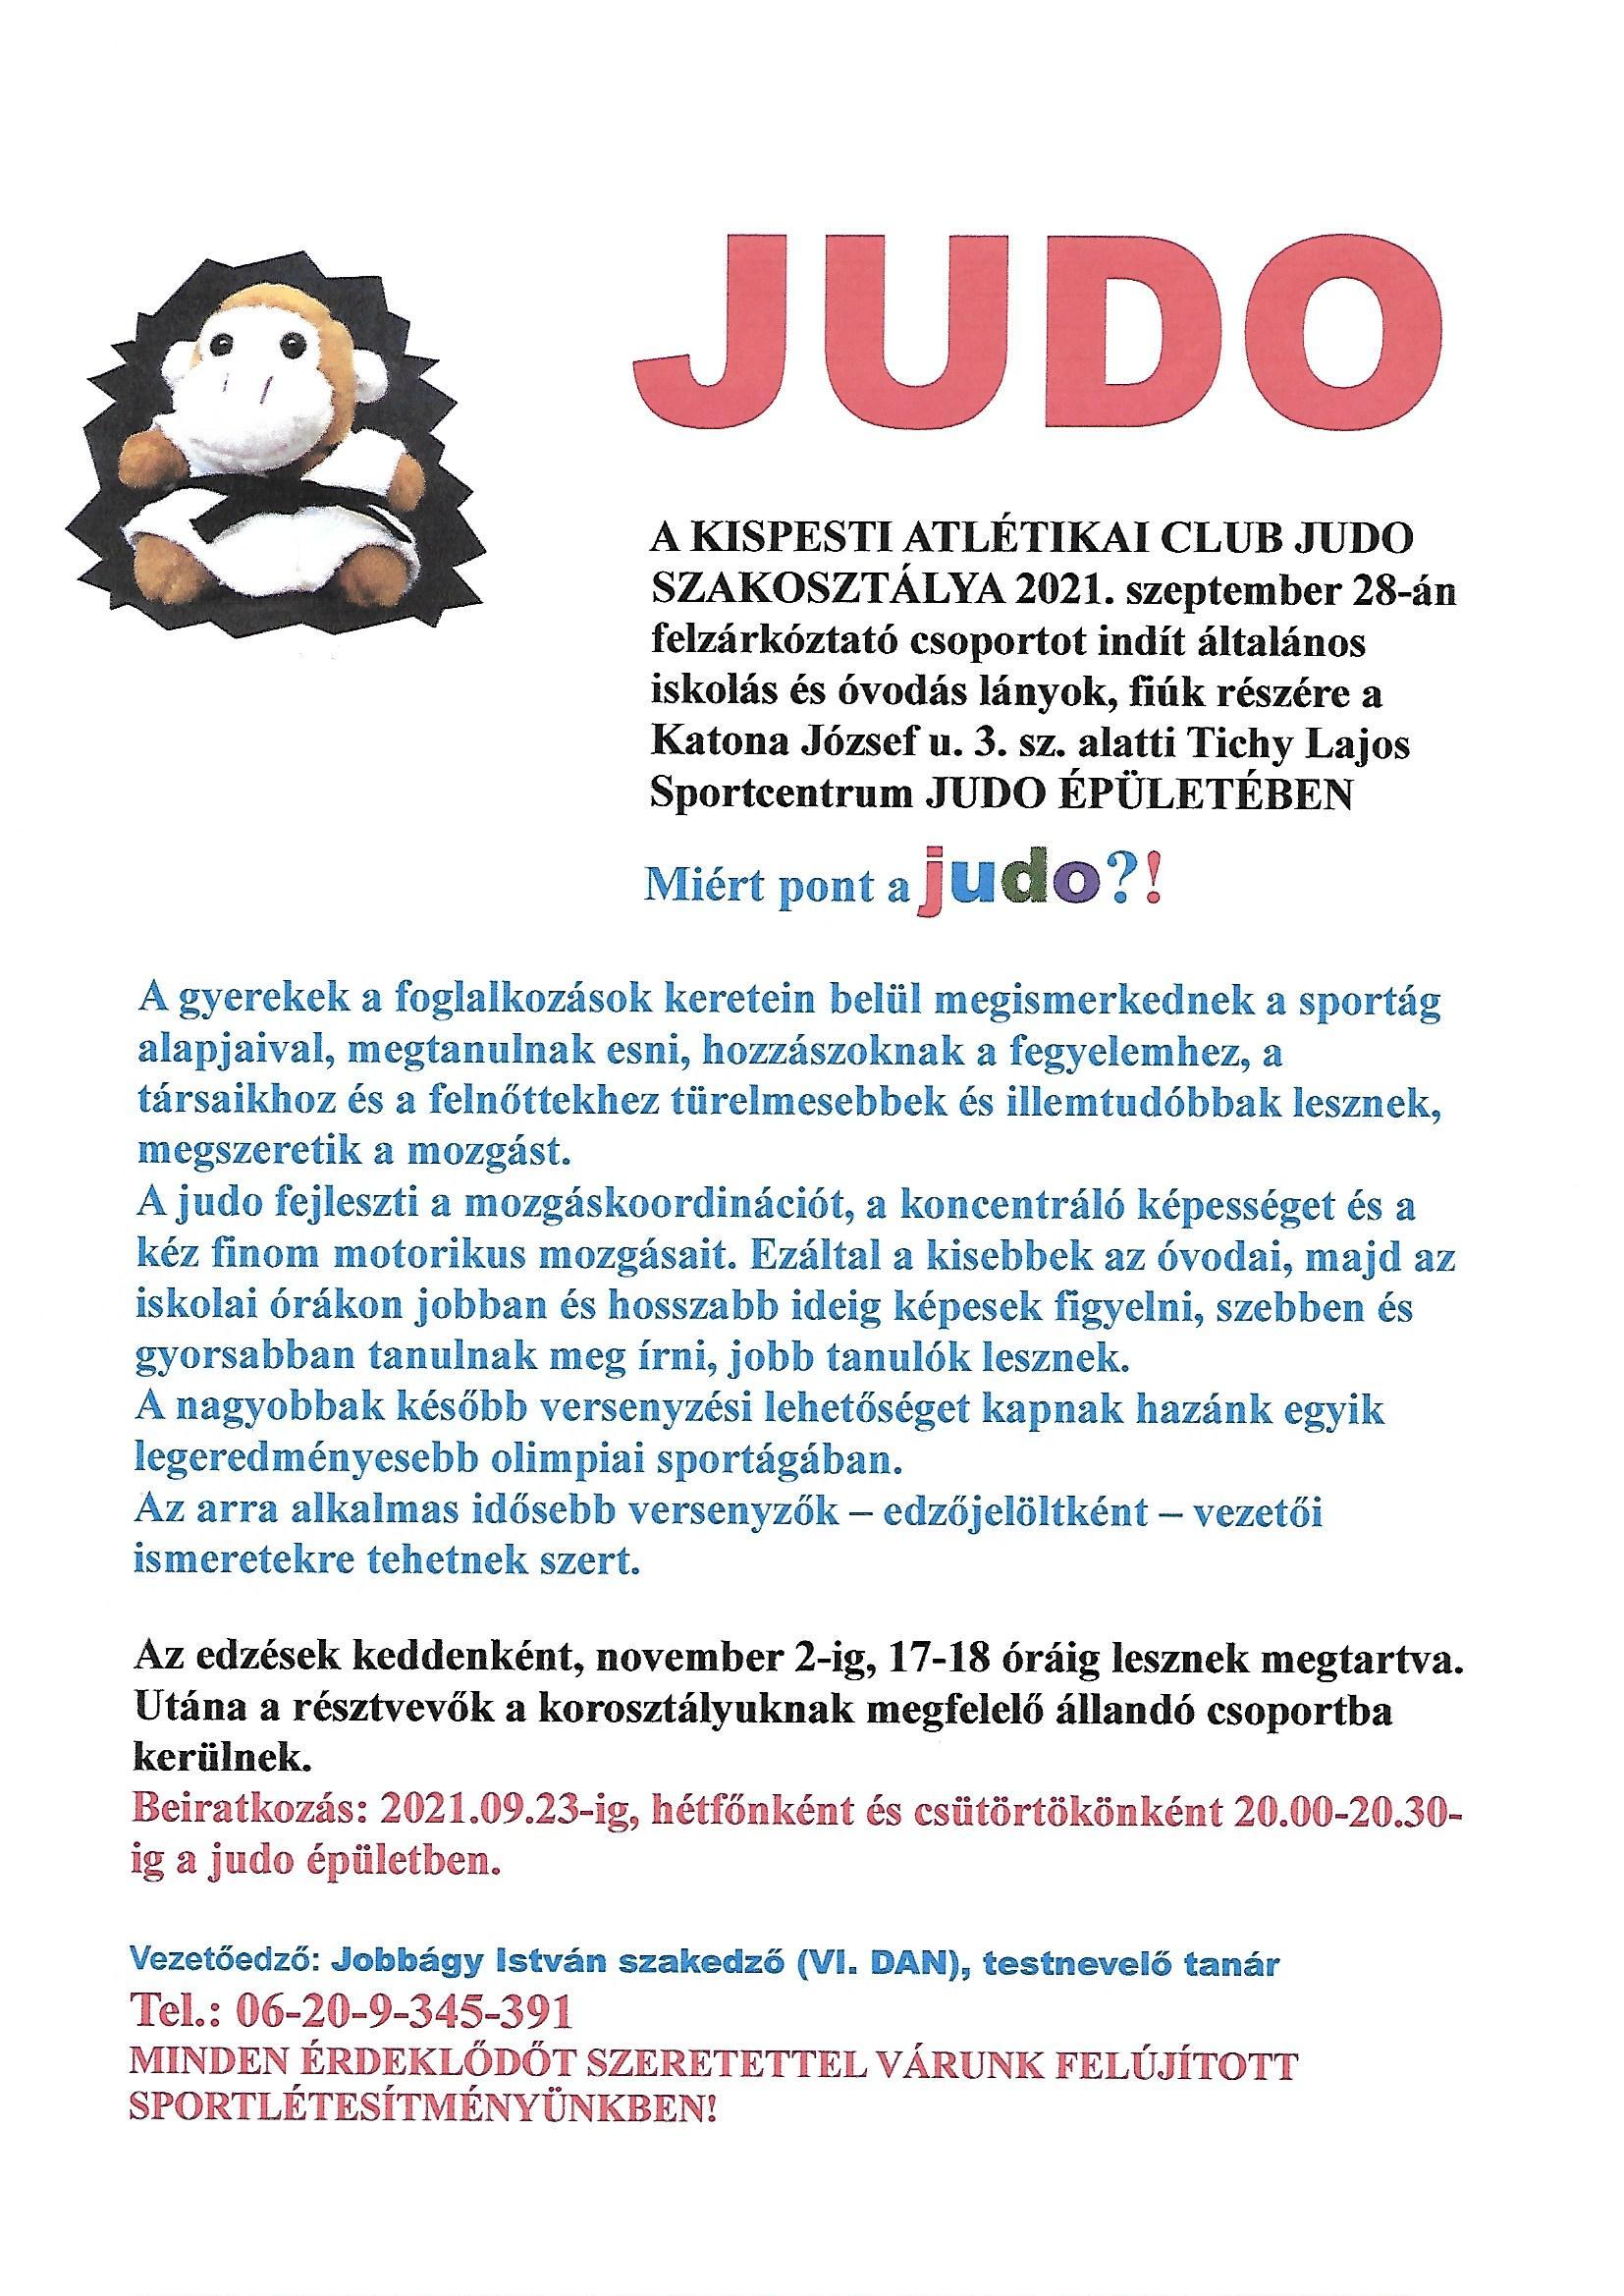 kacjudo20210928